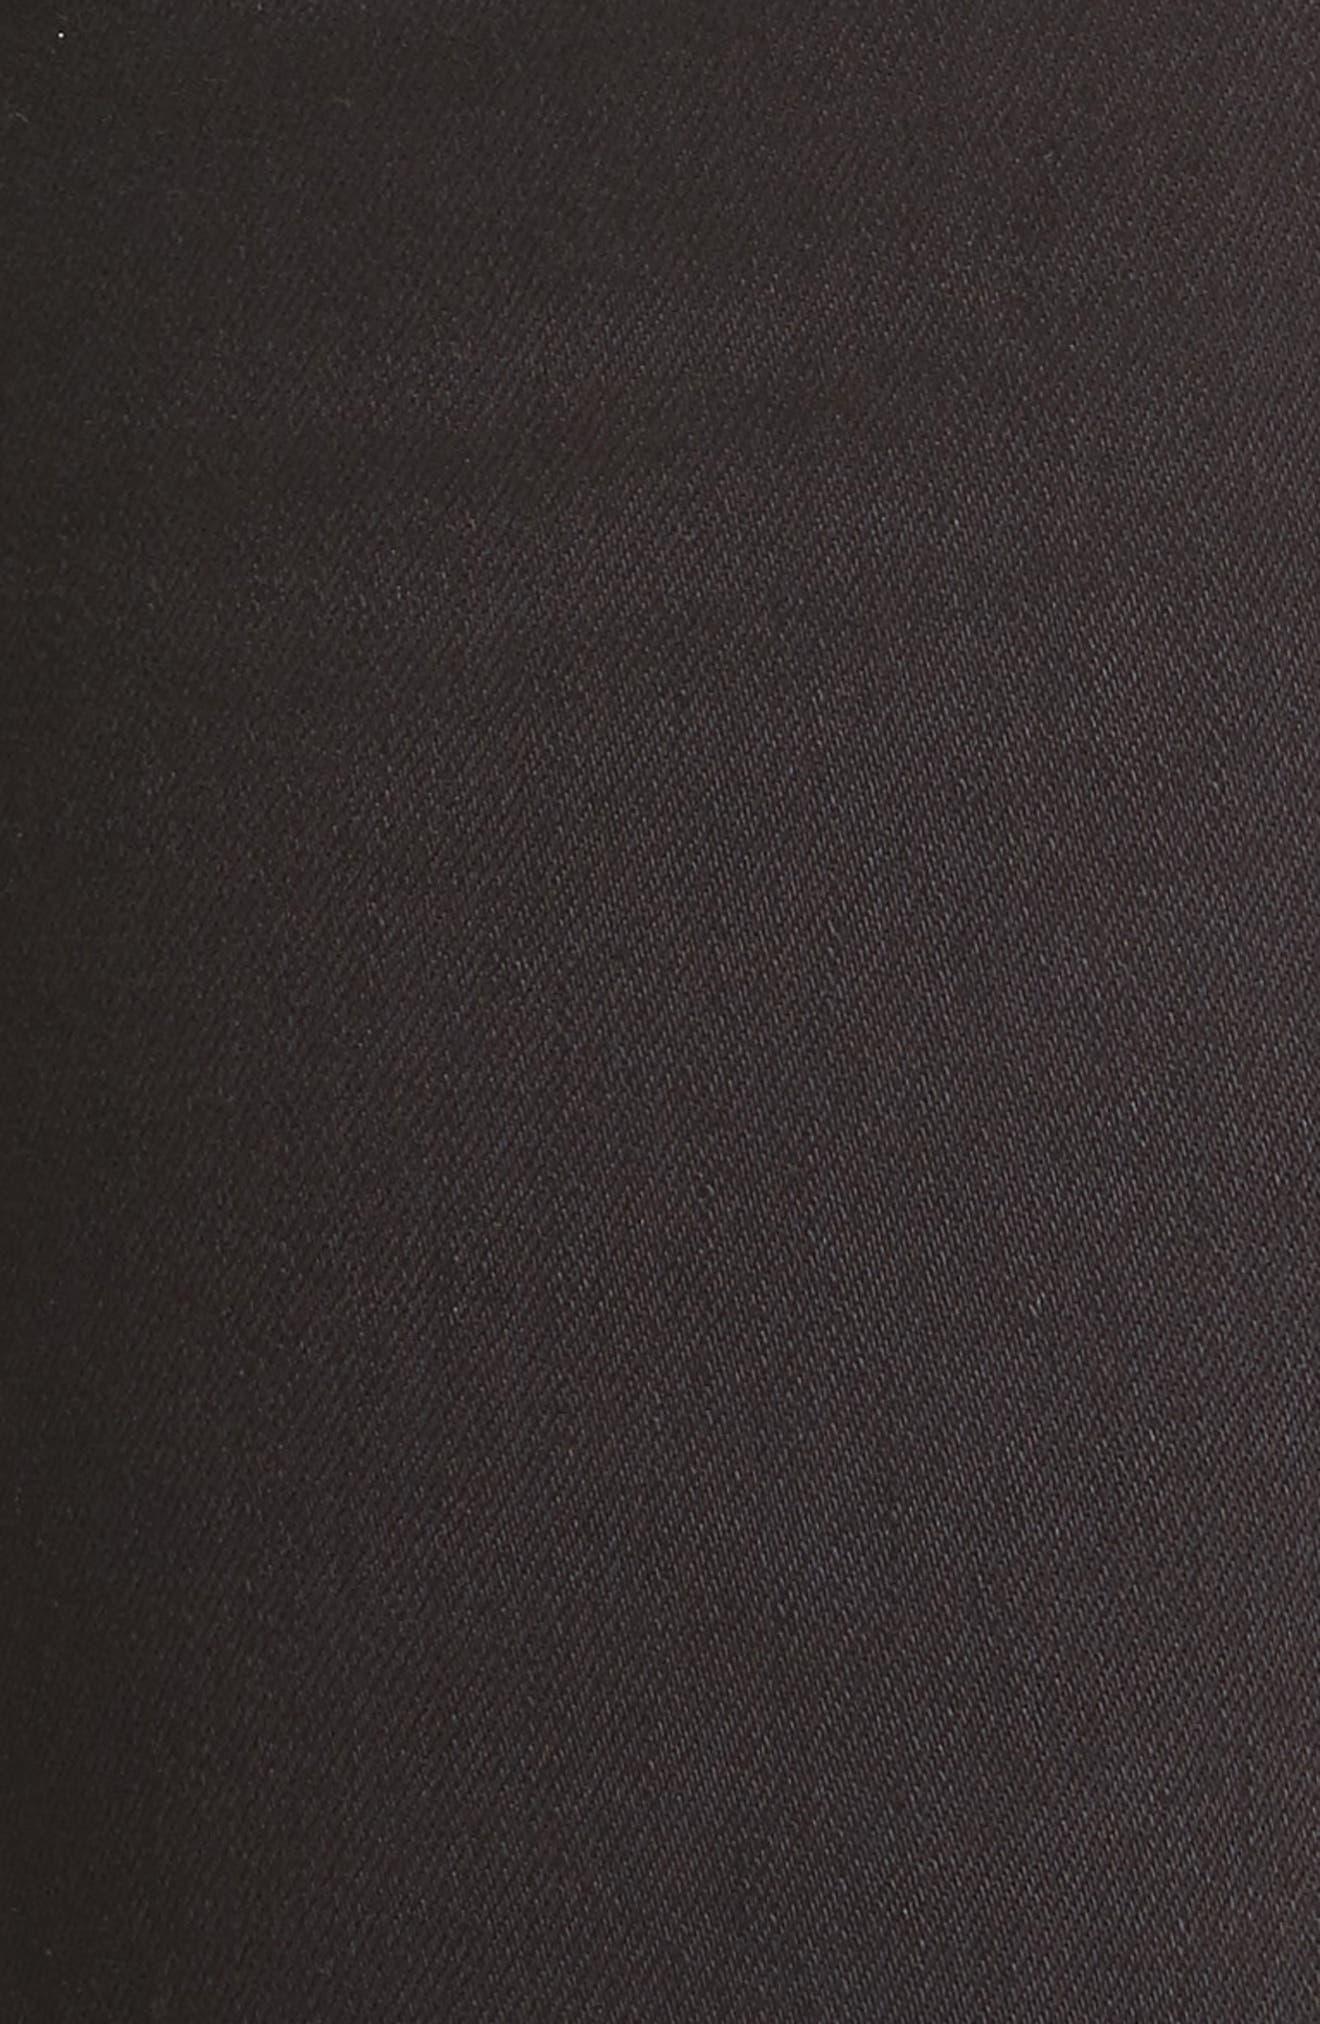 Embellished Pocket Skinny Jeans,                             Alternate thumbnail 5, color,